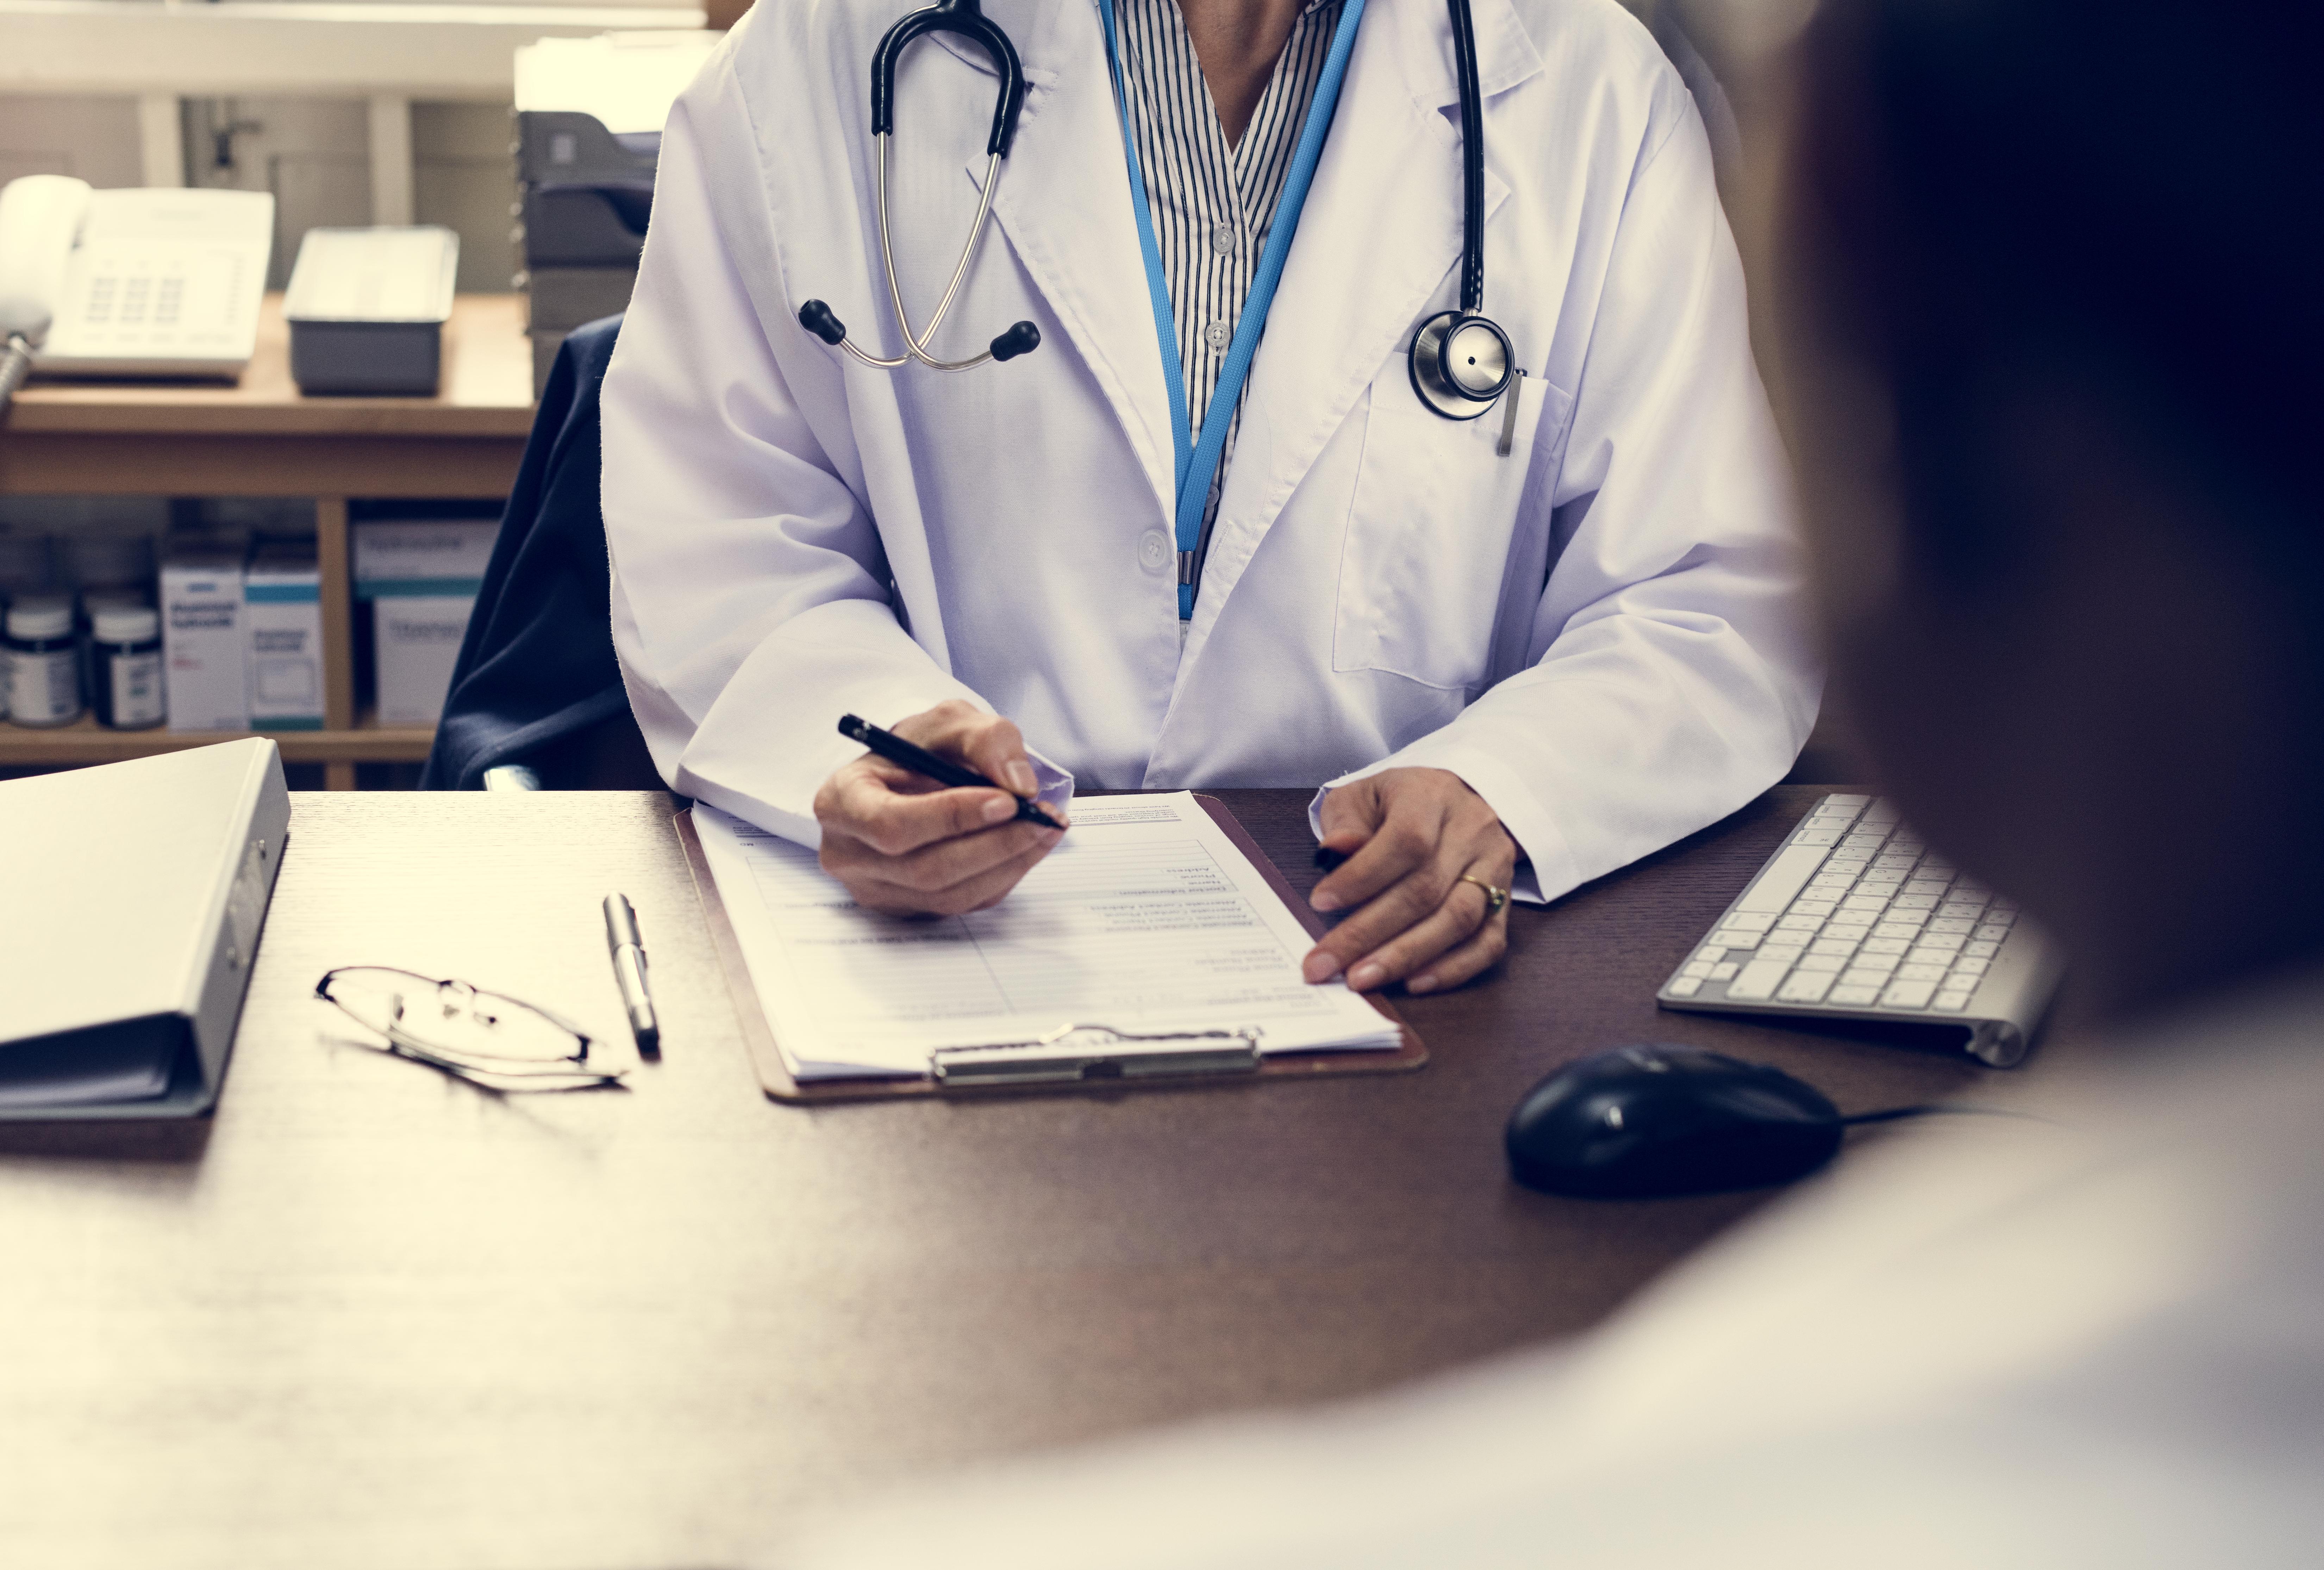 Baja médica para autónomos, lo que debes saber. González Abogados y Asesores